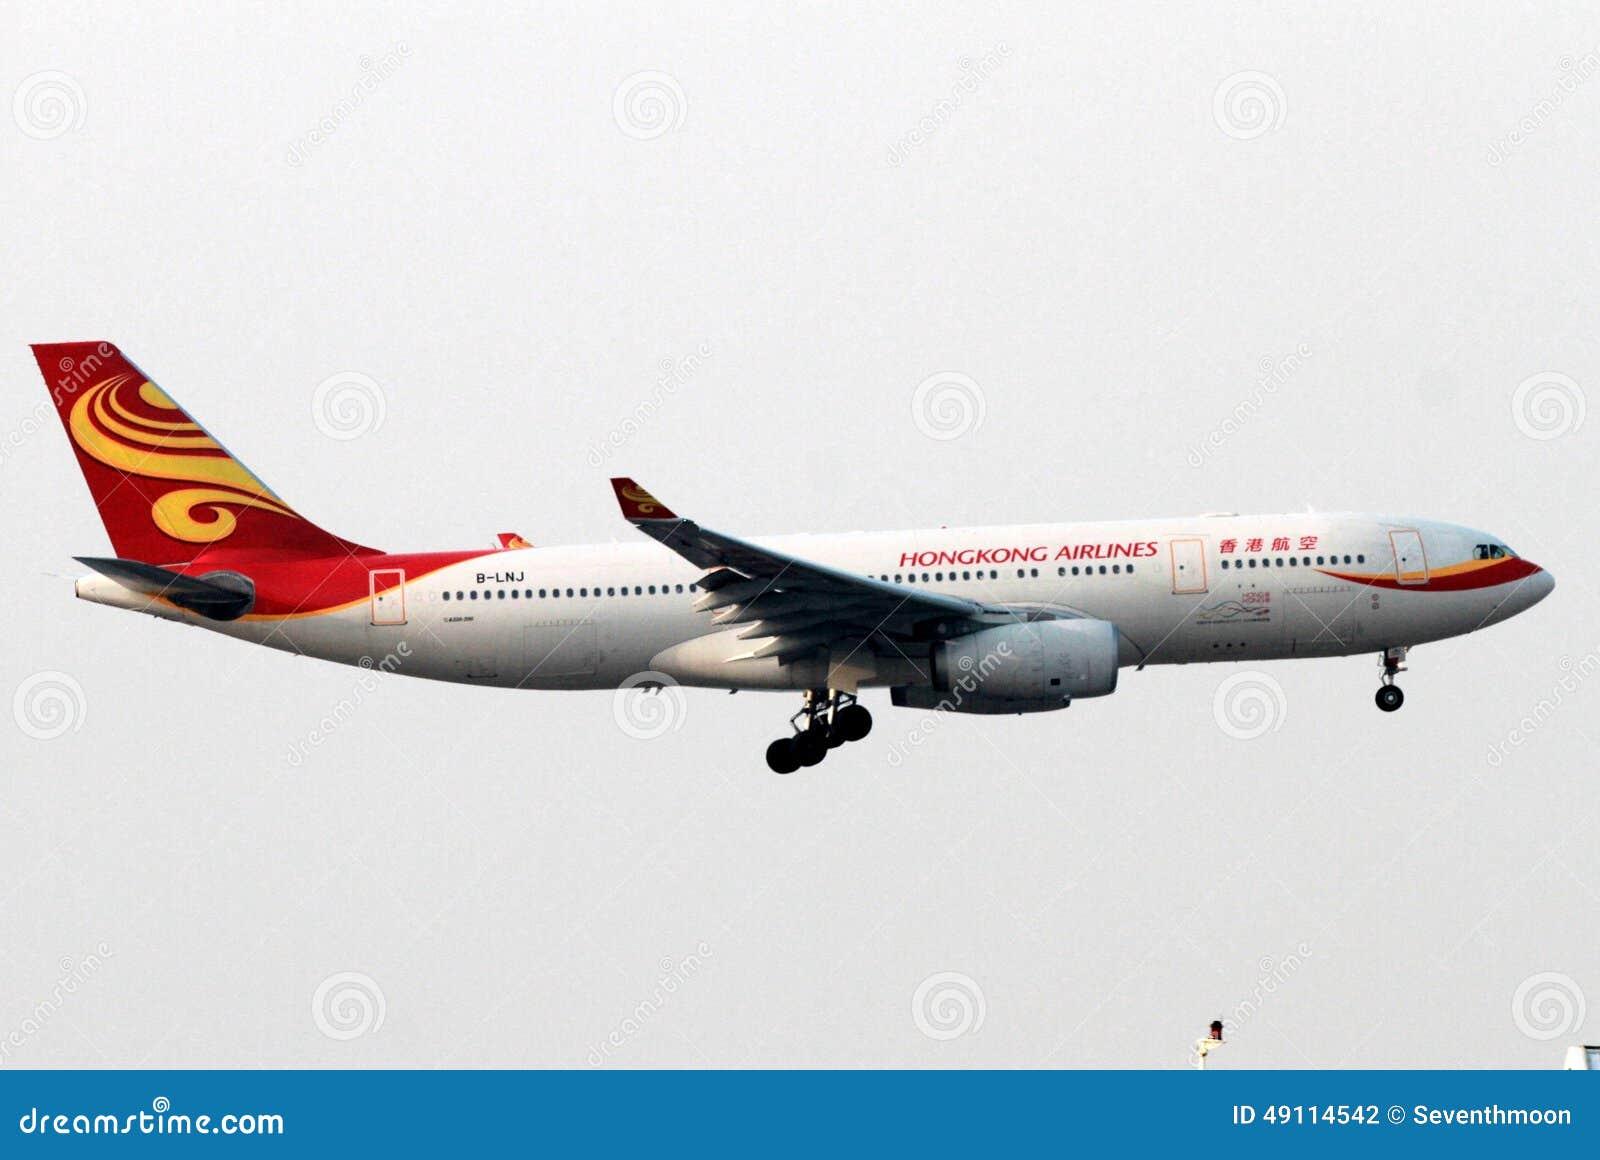 Hong Kong Airlines Aeroplane